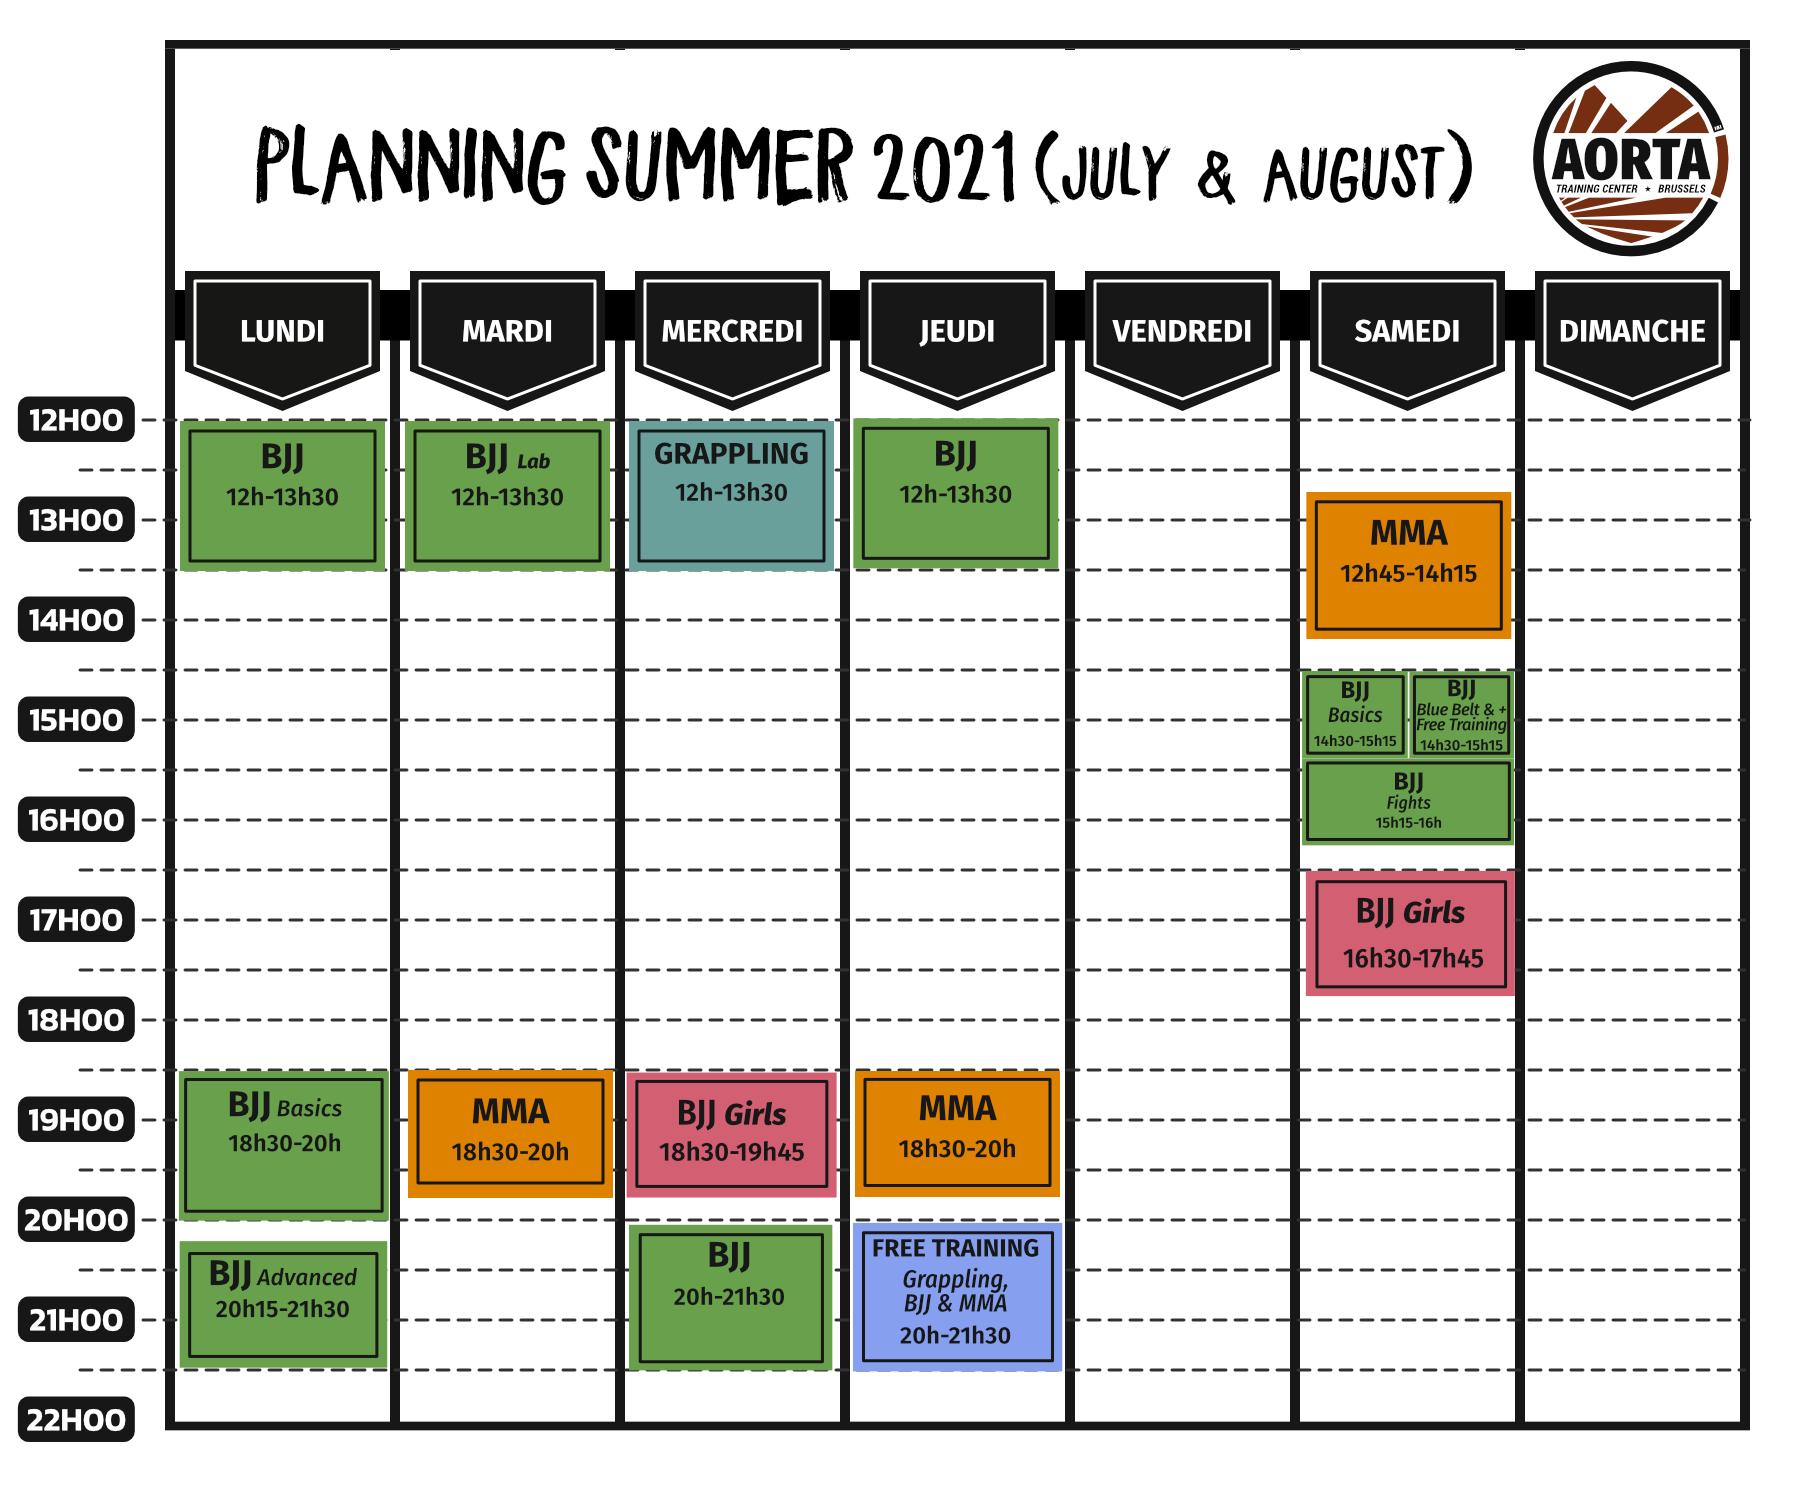 Planning D'été (Du 1er juillet au 30 août 2021)